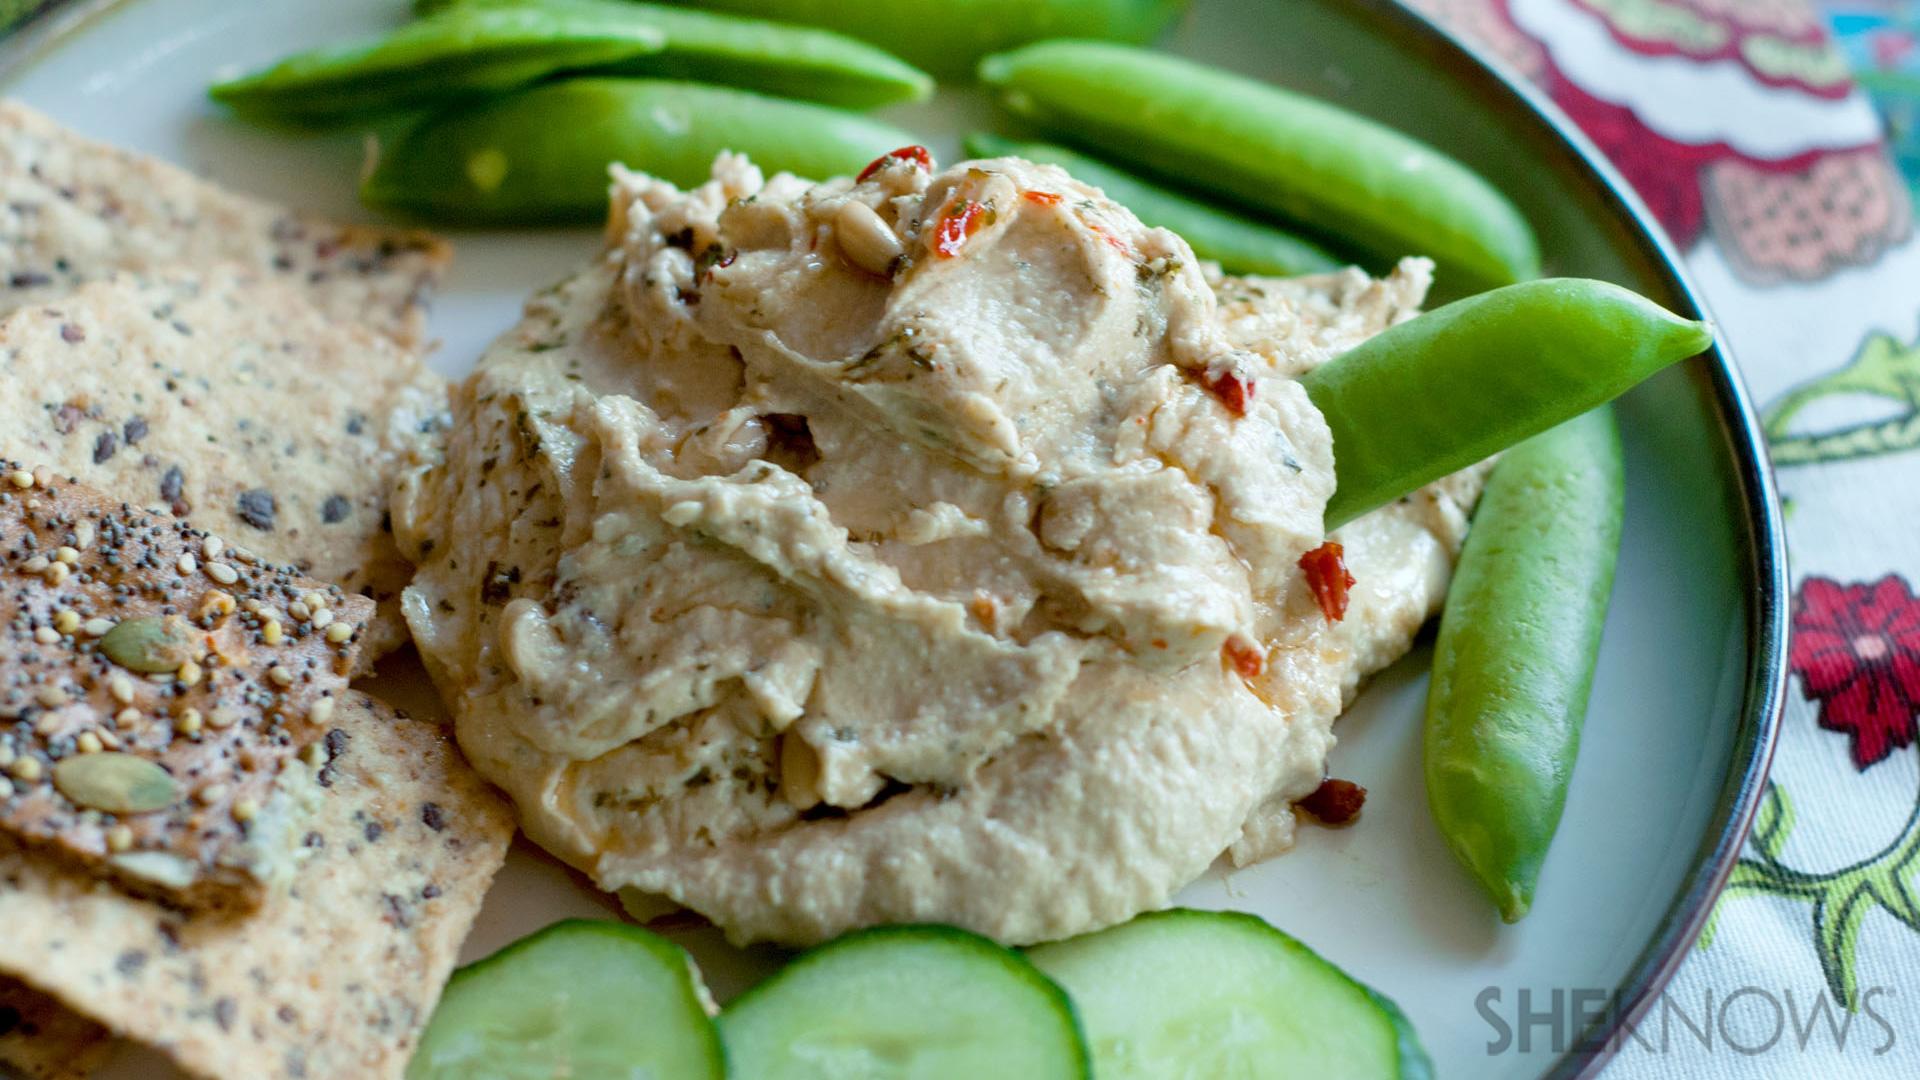 Thai coconut dream hummus recipe